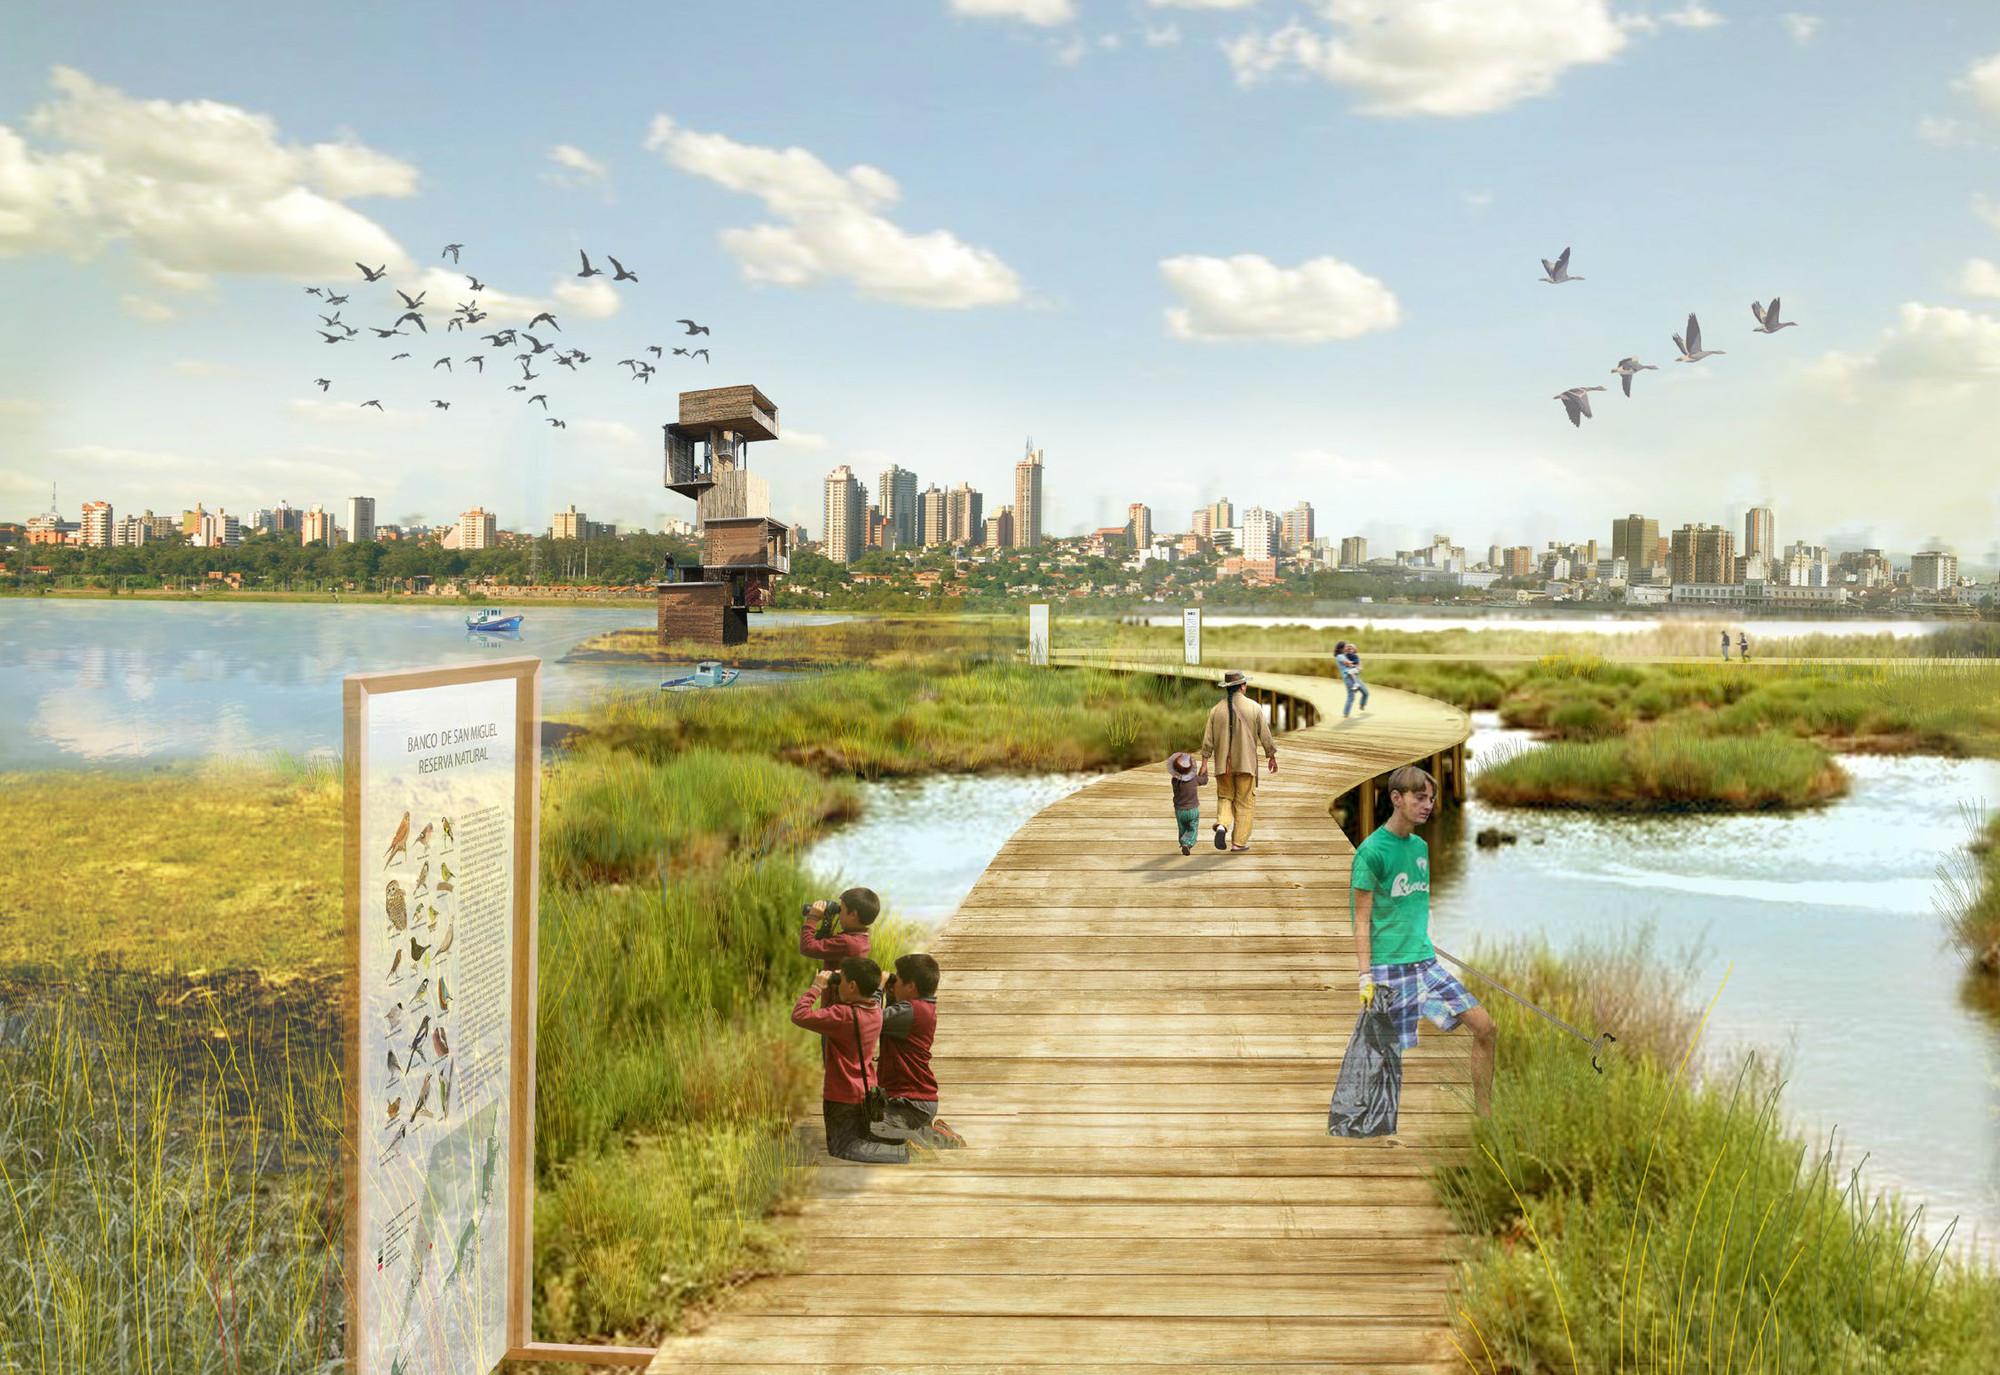 Presentan detalles del Plan CHA, el proyecto que busca transformar Asunción, Vista del skyline de Asunción desde el Banco de San Miguel. Image Cortesia de Plan CHA